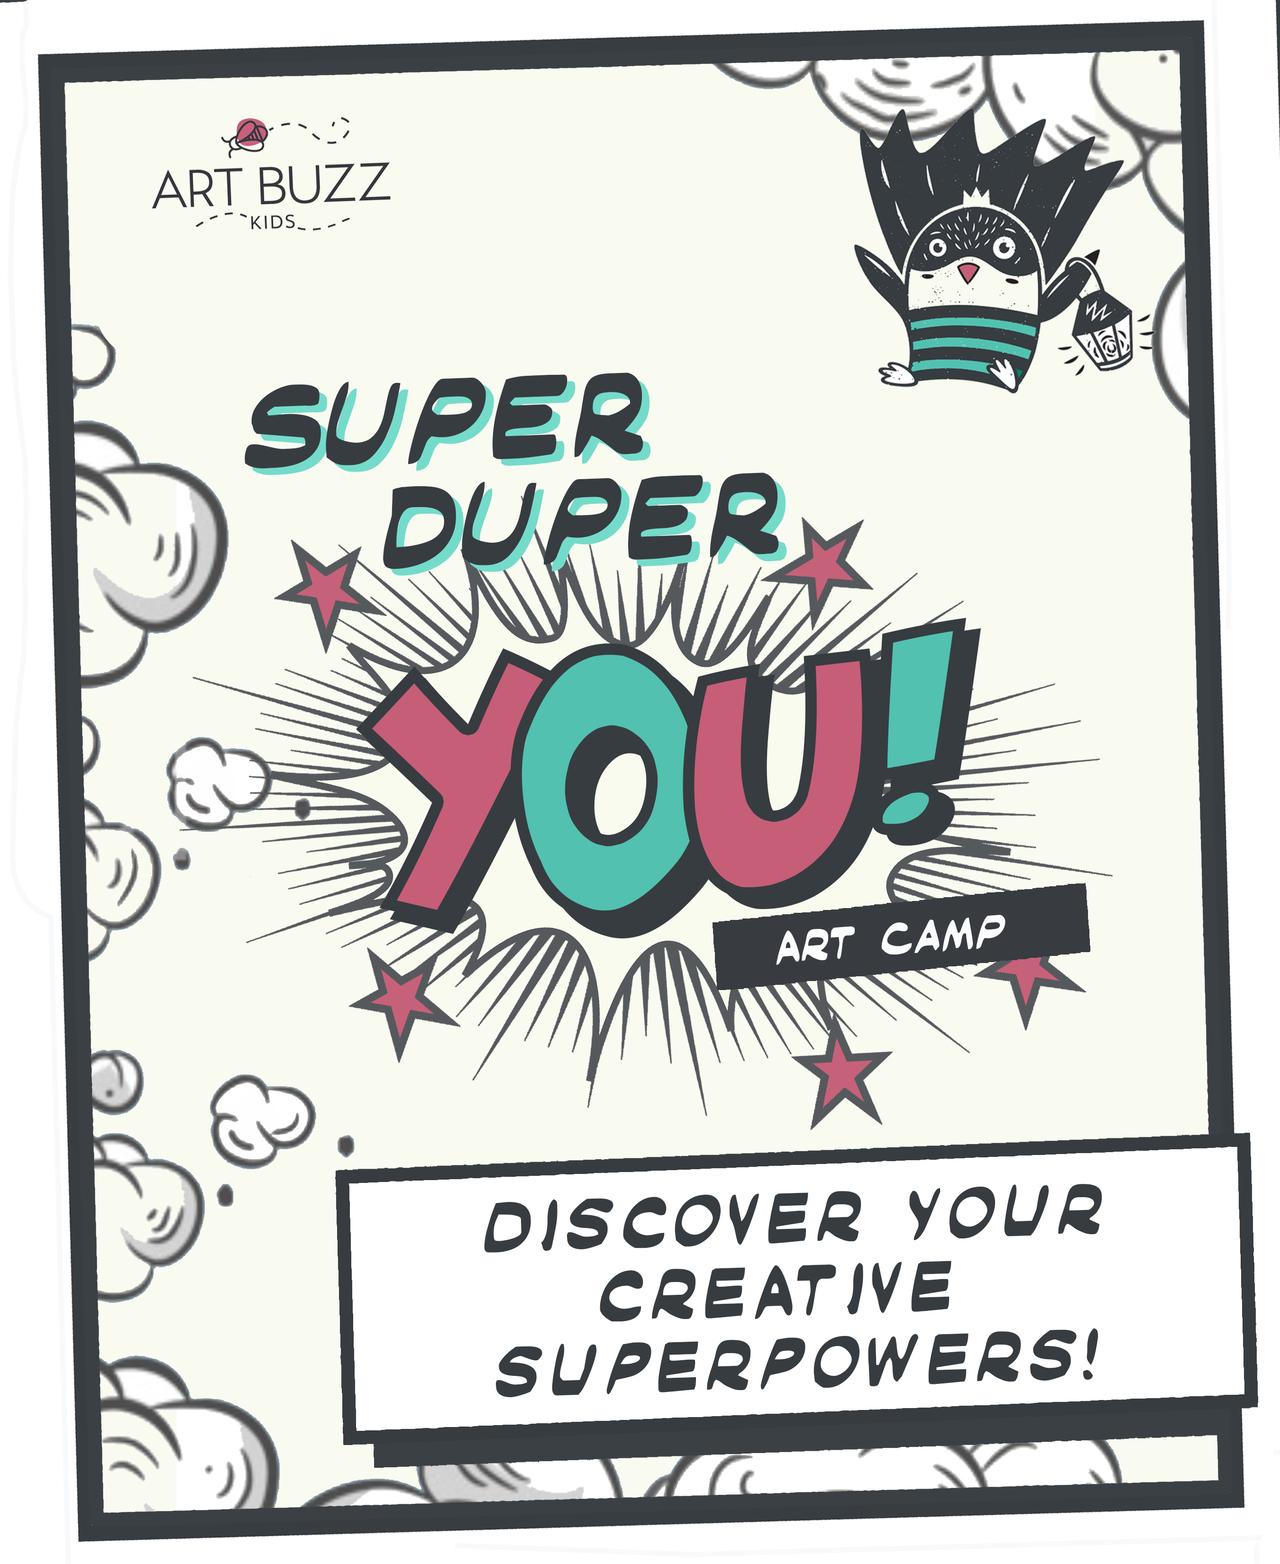 Super Duper You Summer Art Camp For Kids